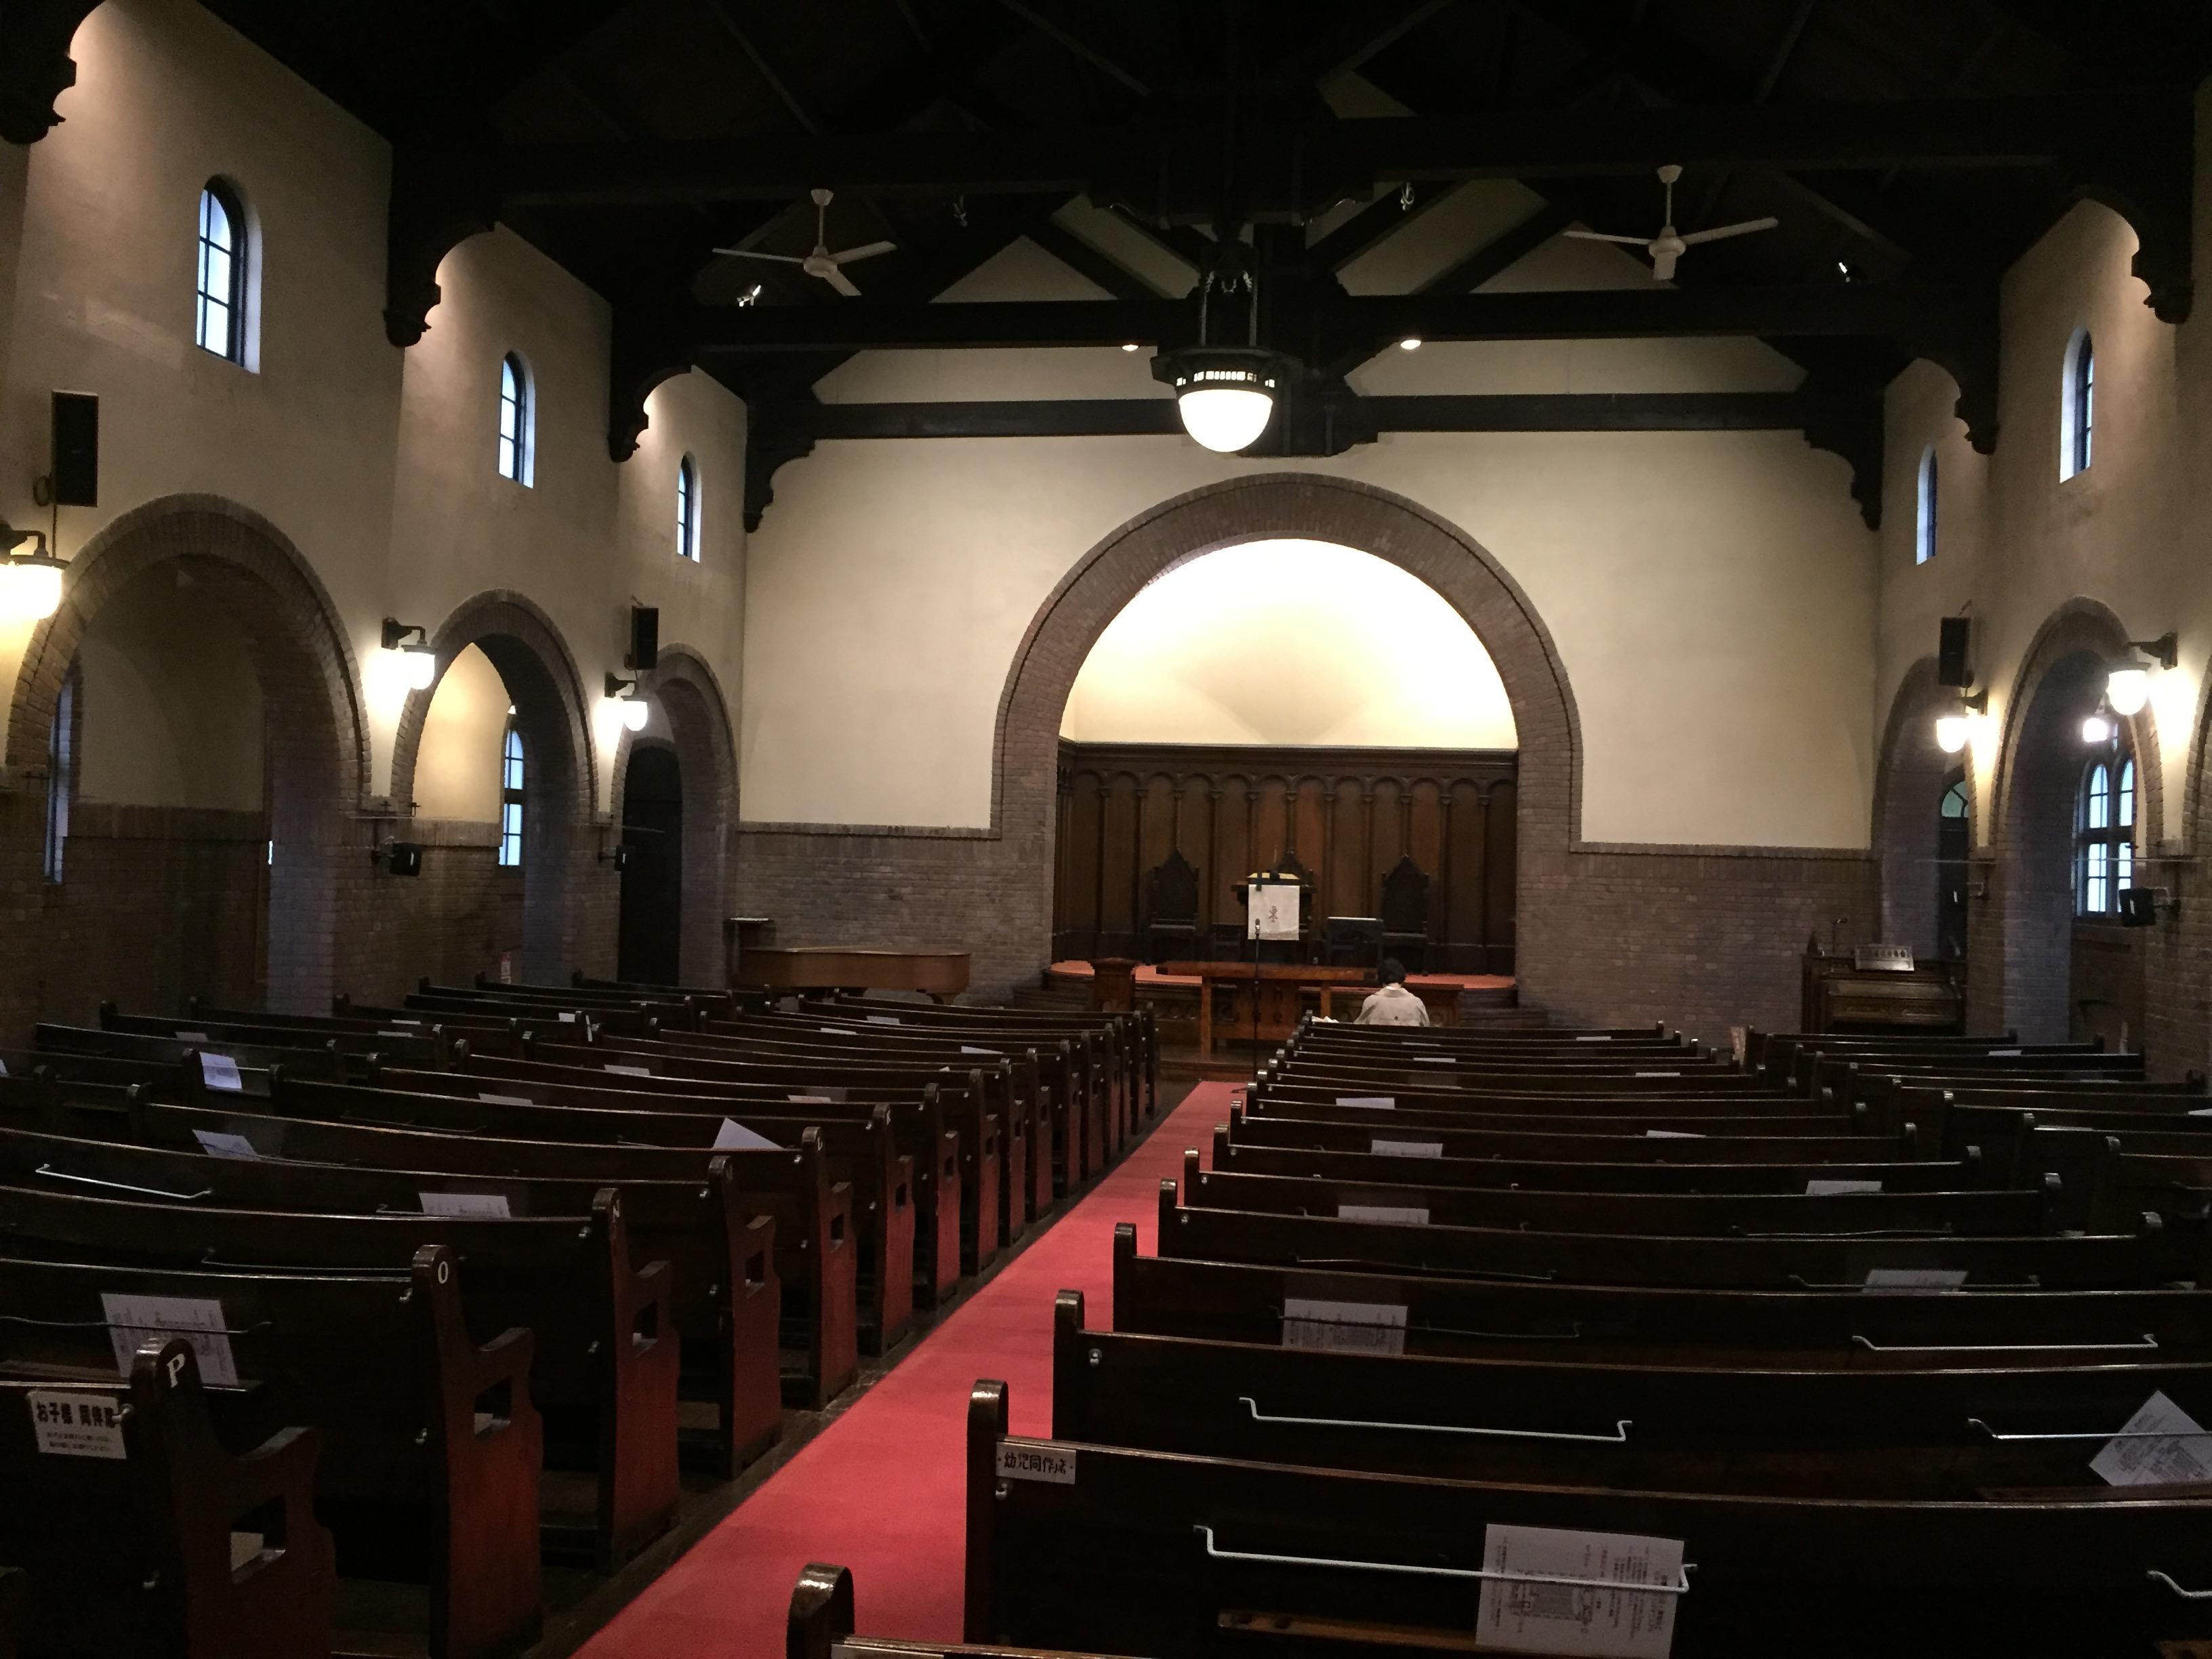 <p>礼拝堂全景</p>礼拝堂の後ろ通路より礼拝堂全体を見る。礼拝を受けるものが皆祭壇に向かえるよう、曲線の長椅子となっているのがわかる。